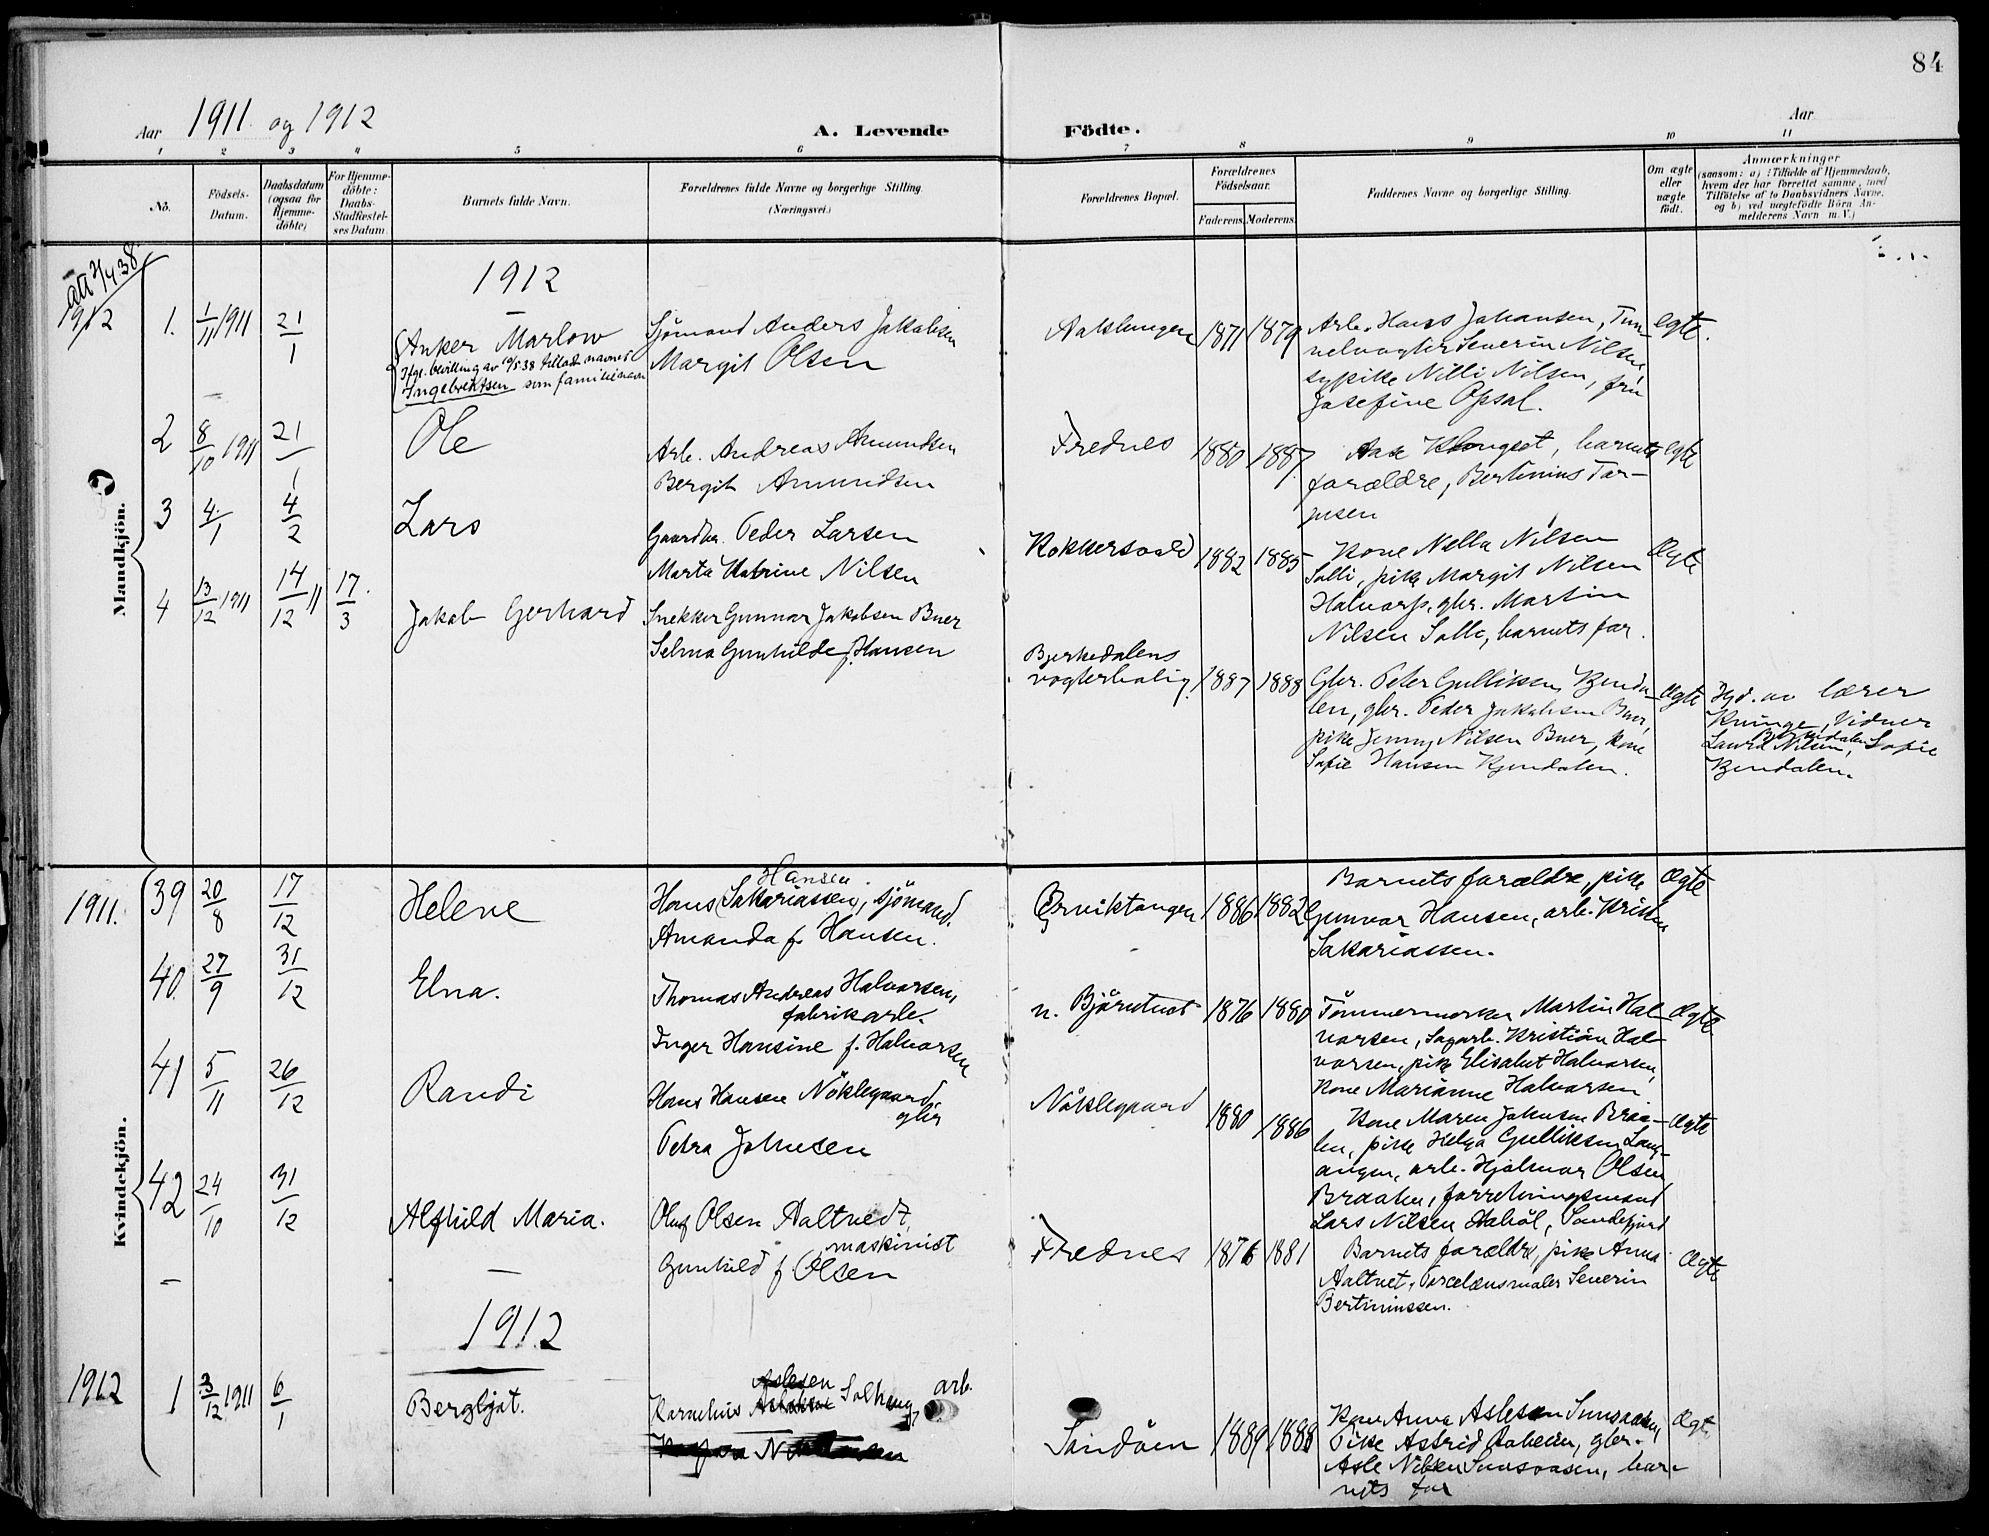 SAKO, Eidanger kirkebøker, F/Fa/L0013: Ministerialbok nr. 13, 1900-1913, s. 84